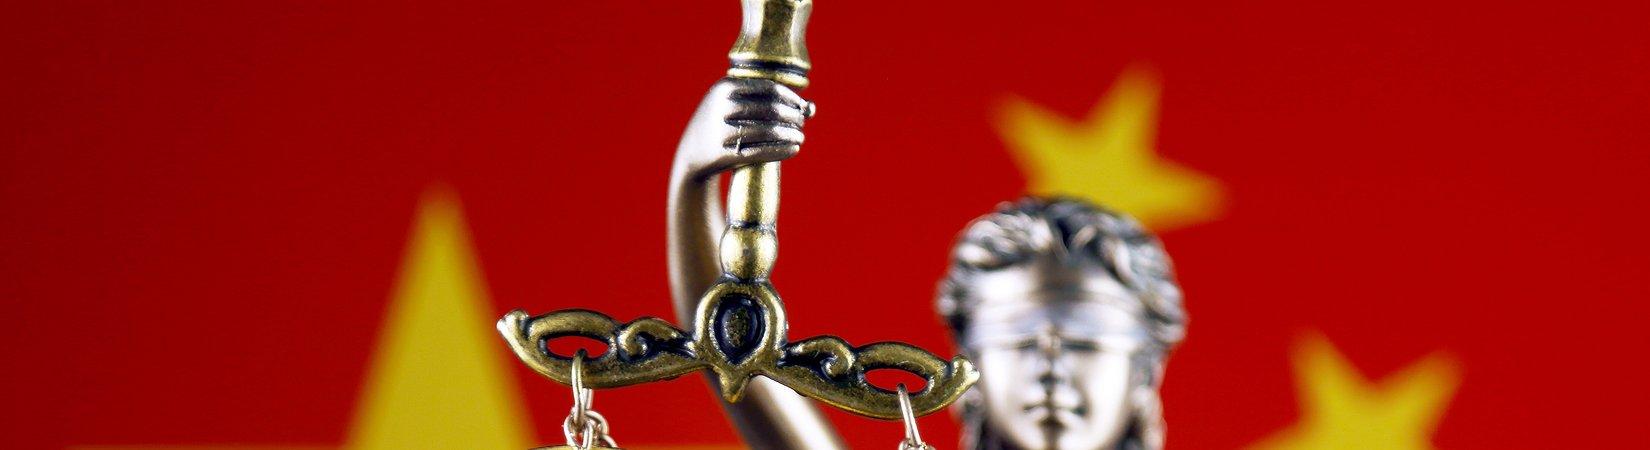 La Cina propone l'adozione della blockchain sul mercato creditizio